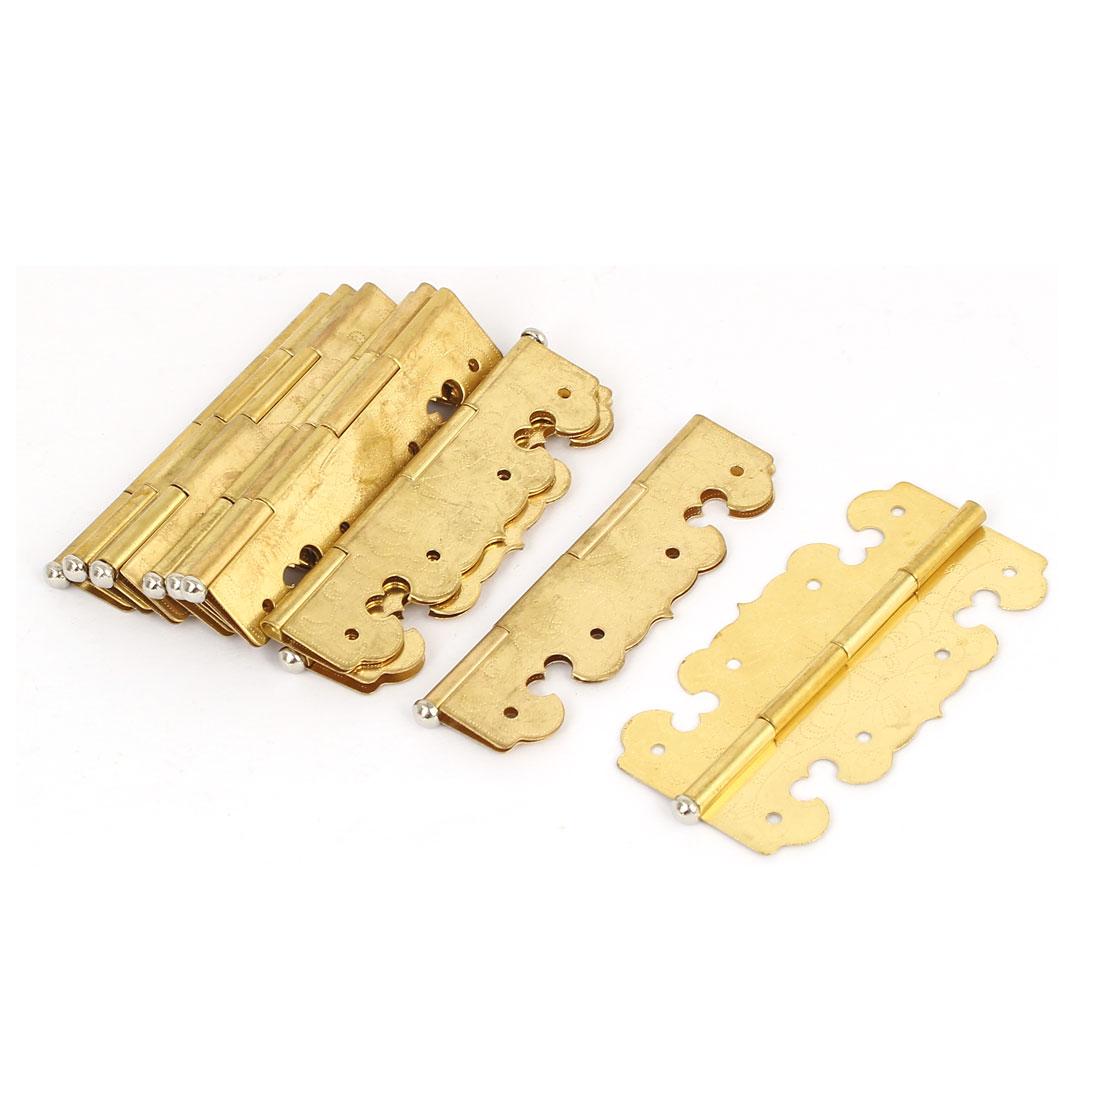 Cupboard Drawer Cabinet Brass Door Hinge 67mm x 34mm 10PCS